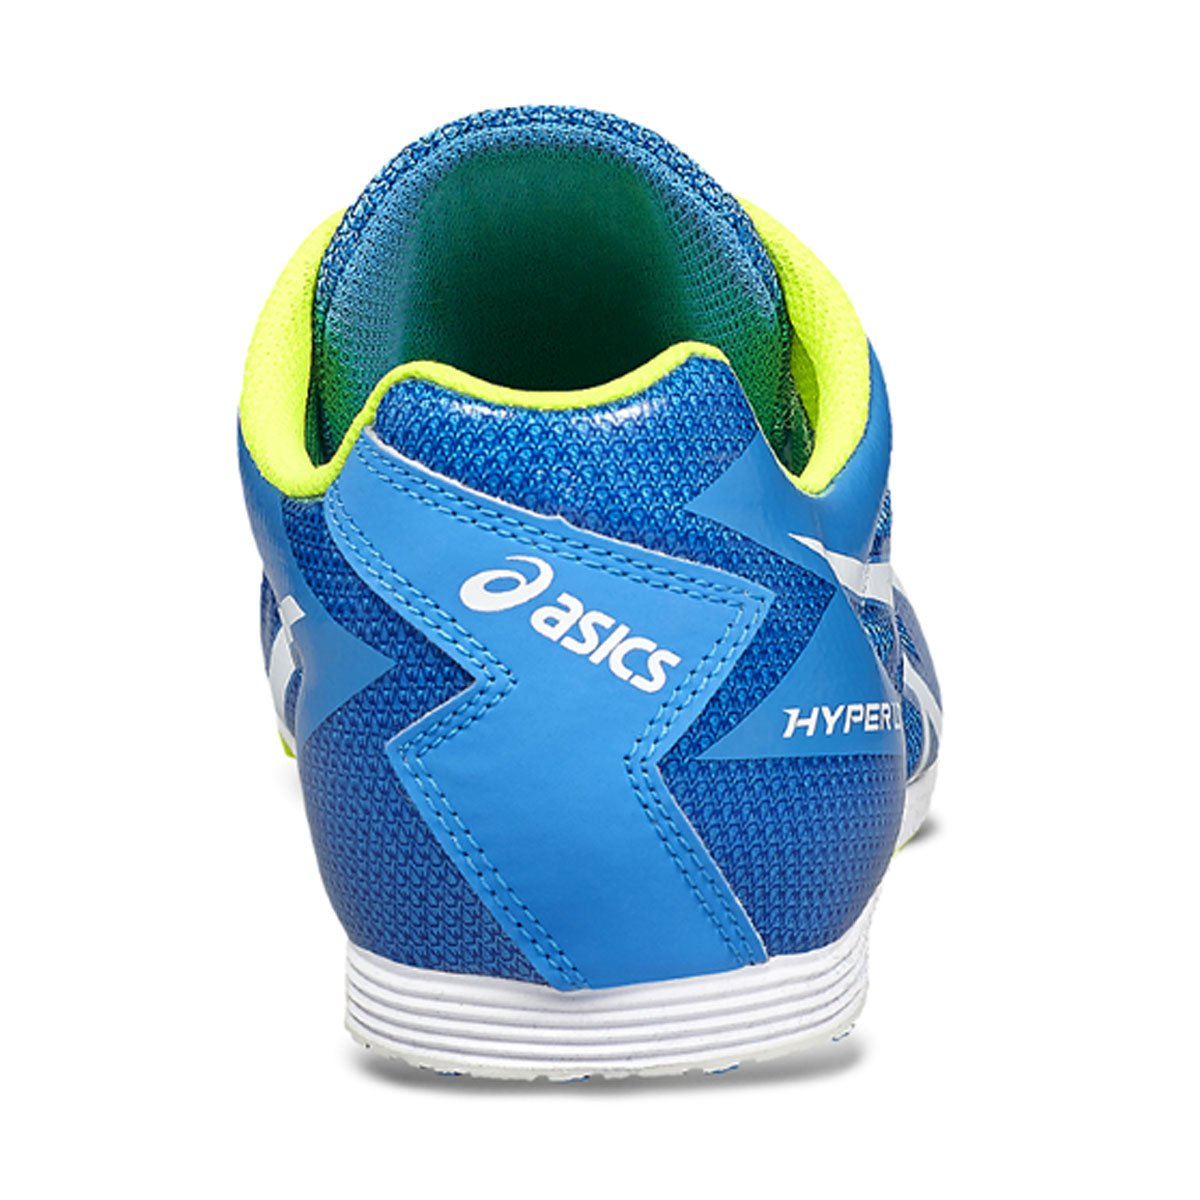 ASICS Buty-Kolce Do Bieg/ów Hyper LD 5 Zapatillas de Trail Running para Hombre